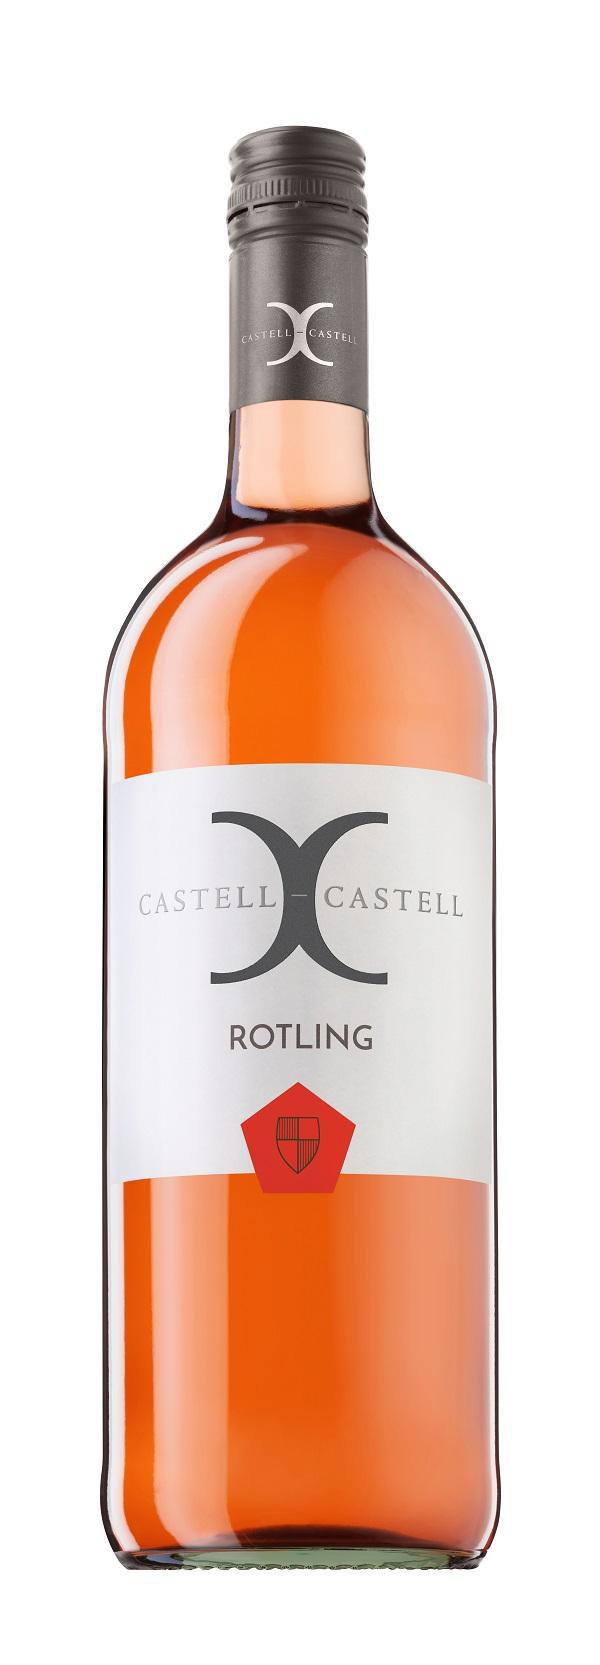 CASTELL-CASTELL Rotling trocken 2020